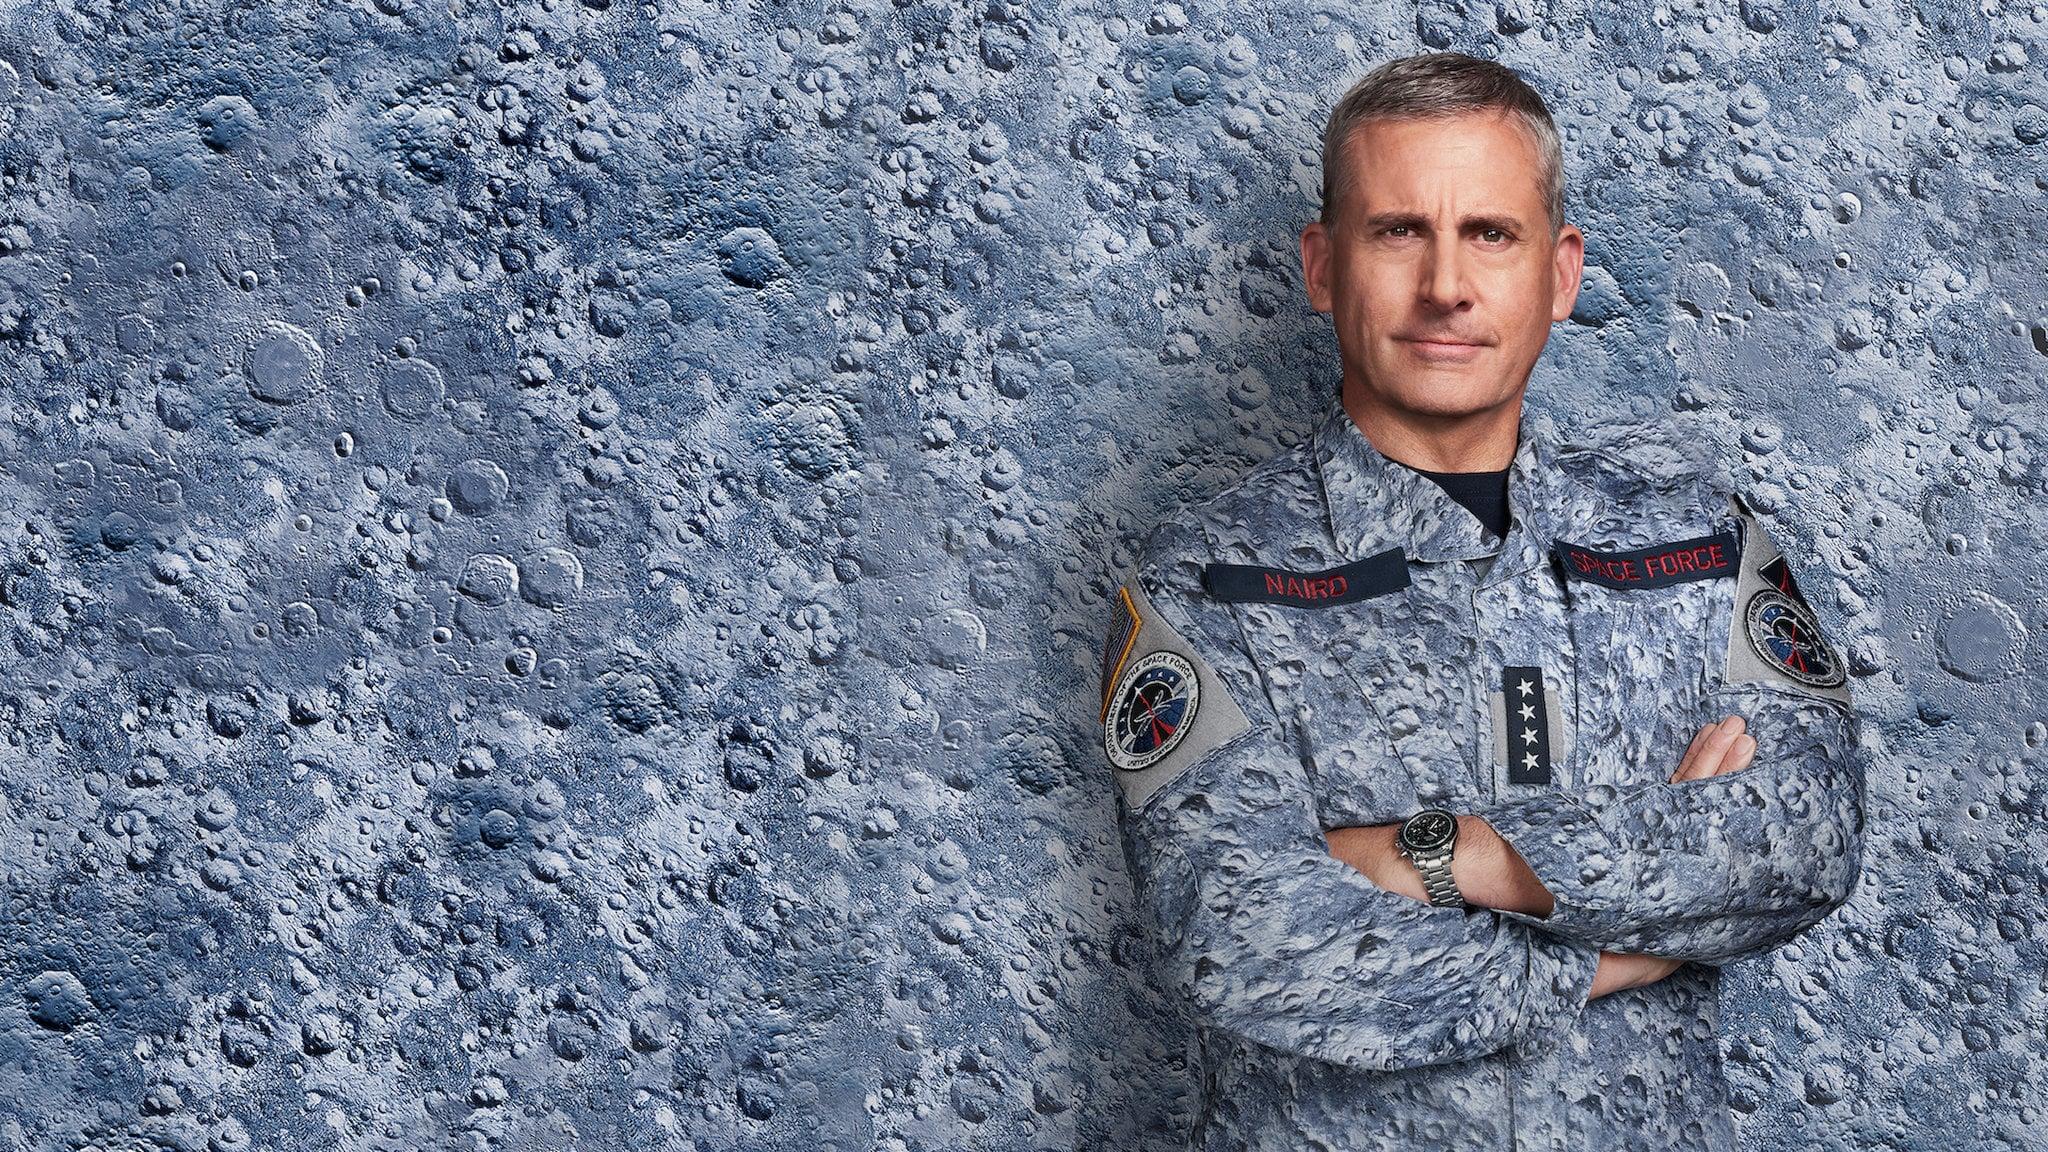 Houston, van egy kis gondunk! – Space Force ( Űrhadosztály) – pilotkritika